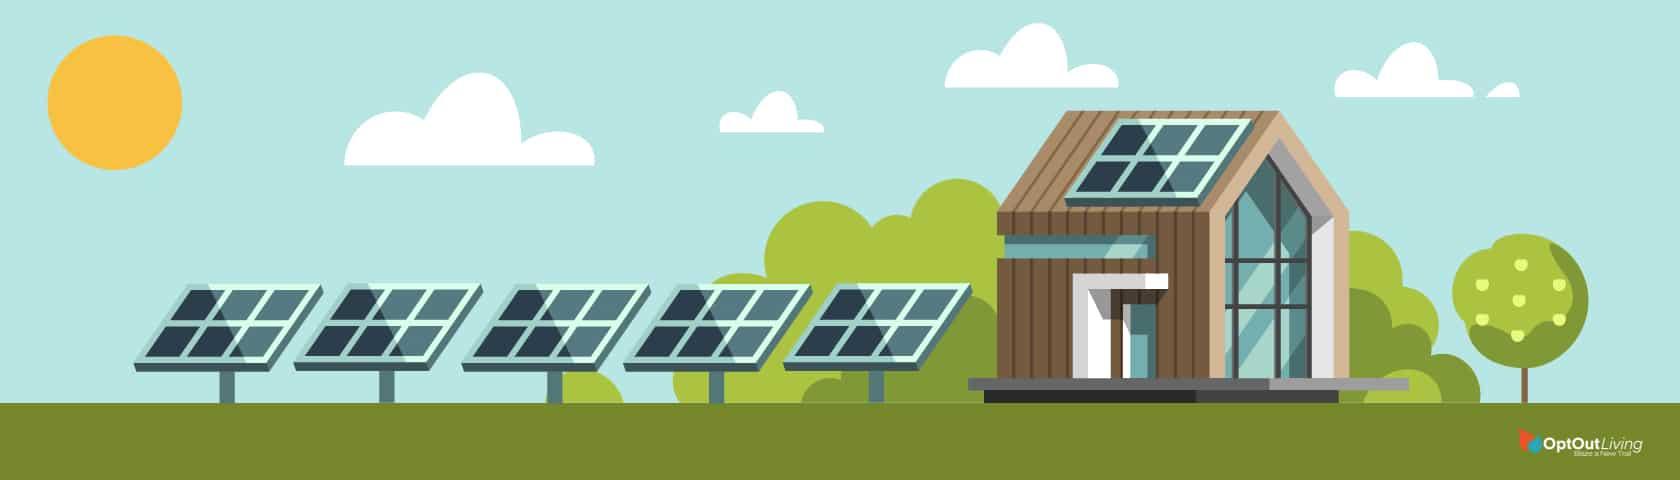 solar panels tiny home